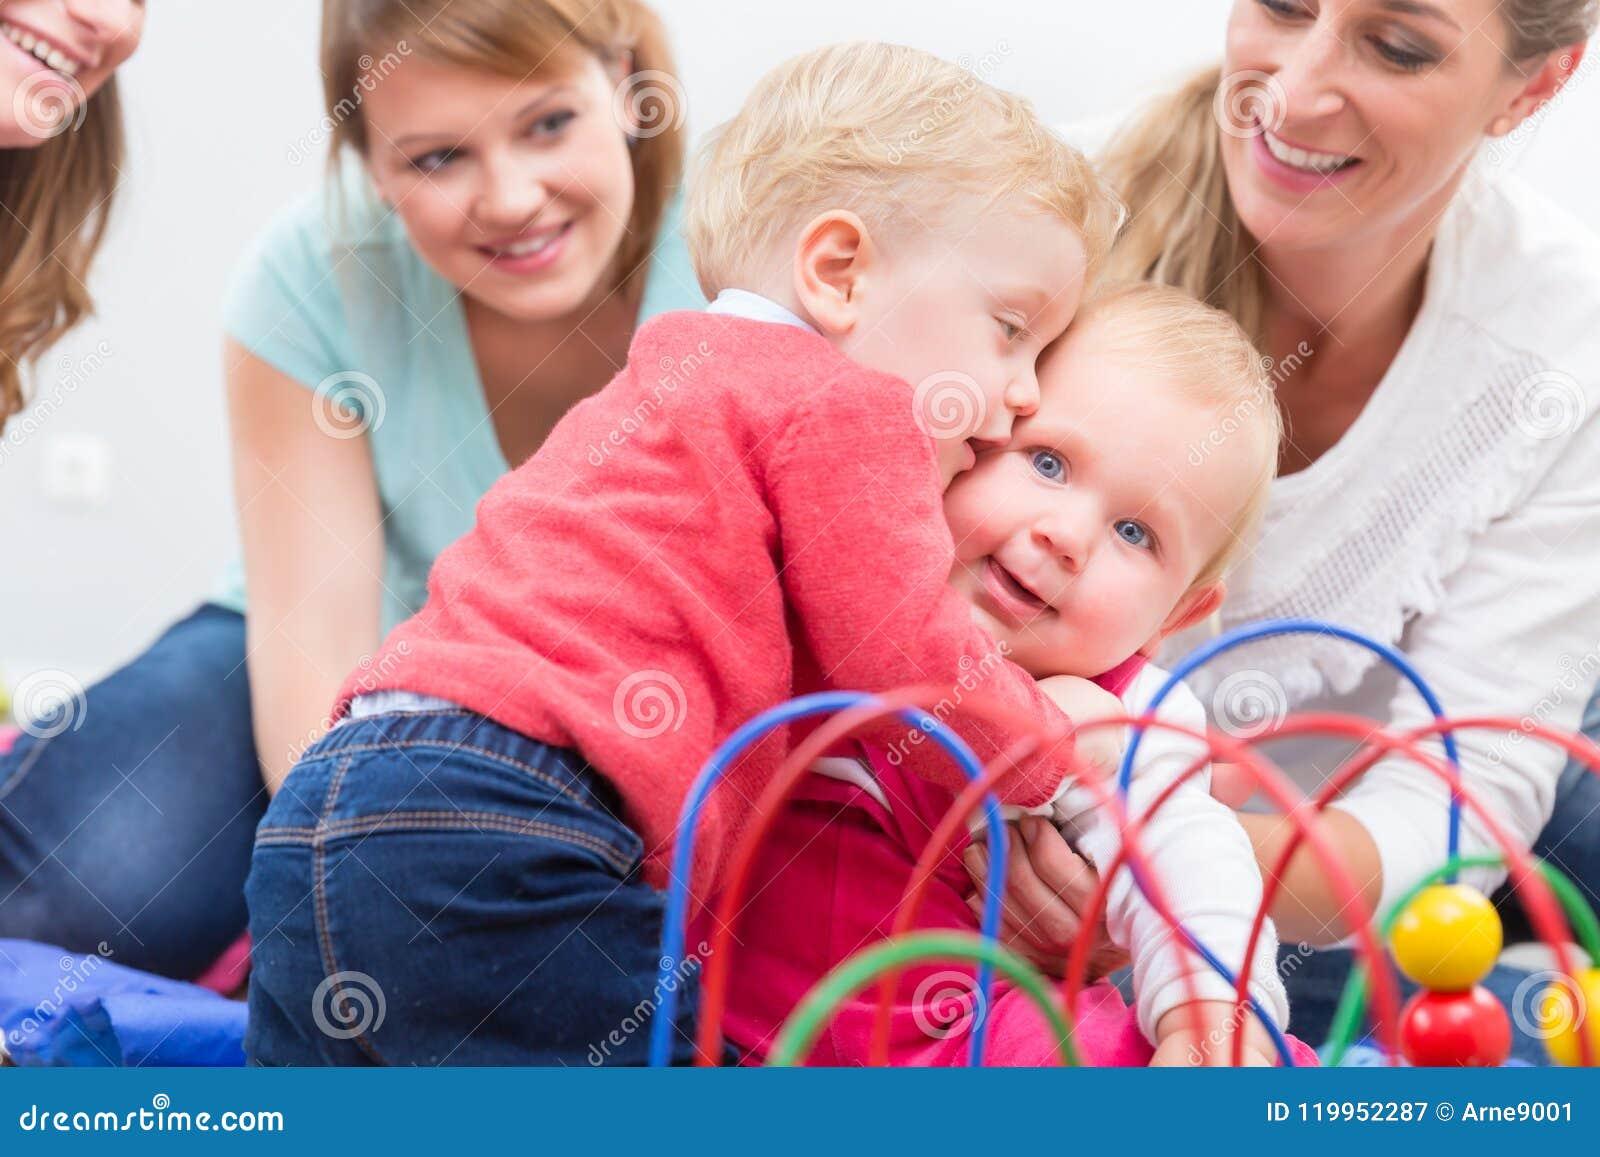 Gruppen av lyckligt barn fostrar att hålla ögonen på deras gulligt, och sunt behandla som ett barn lek